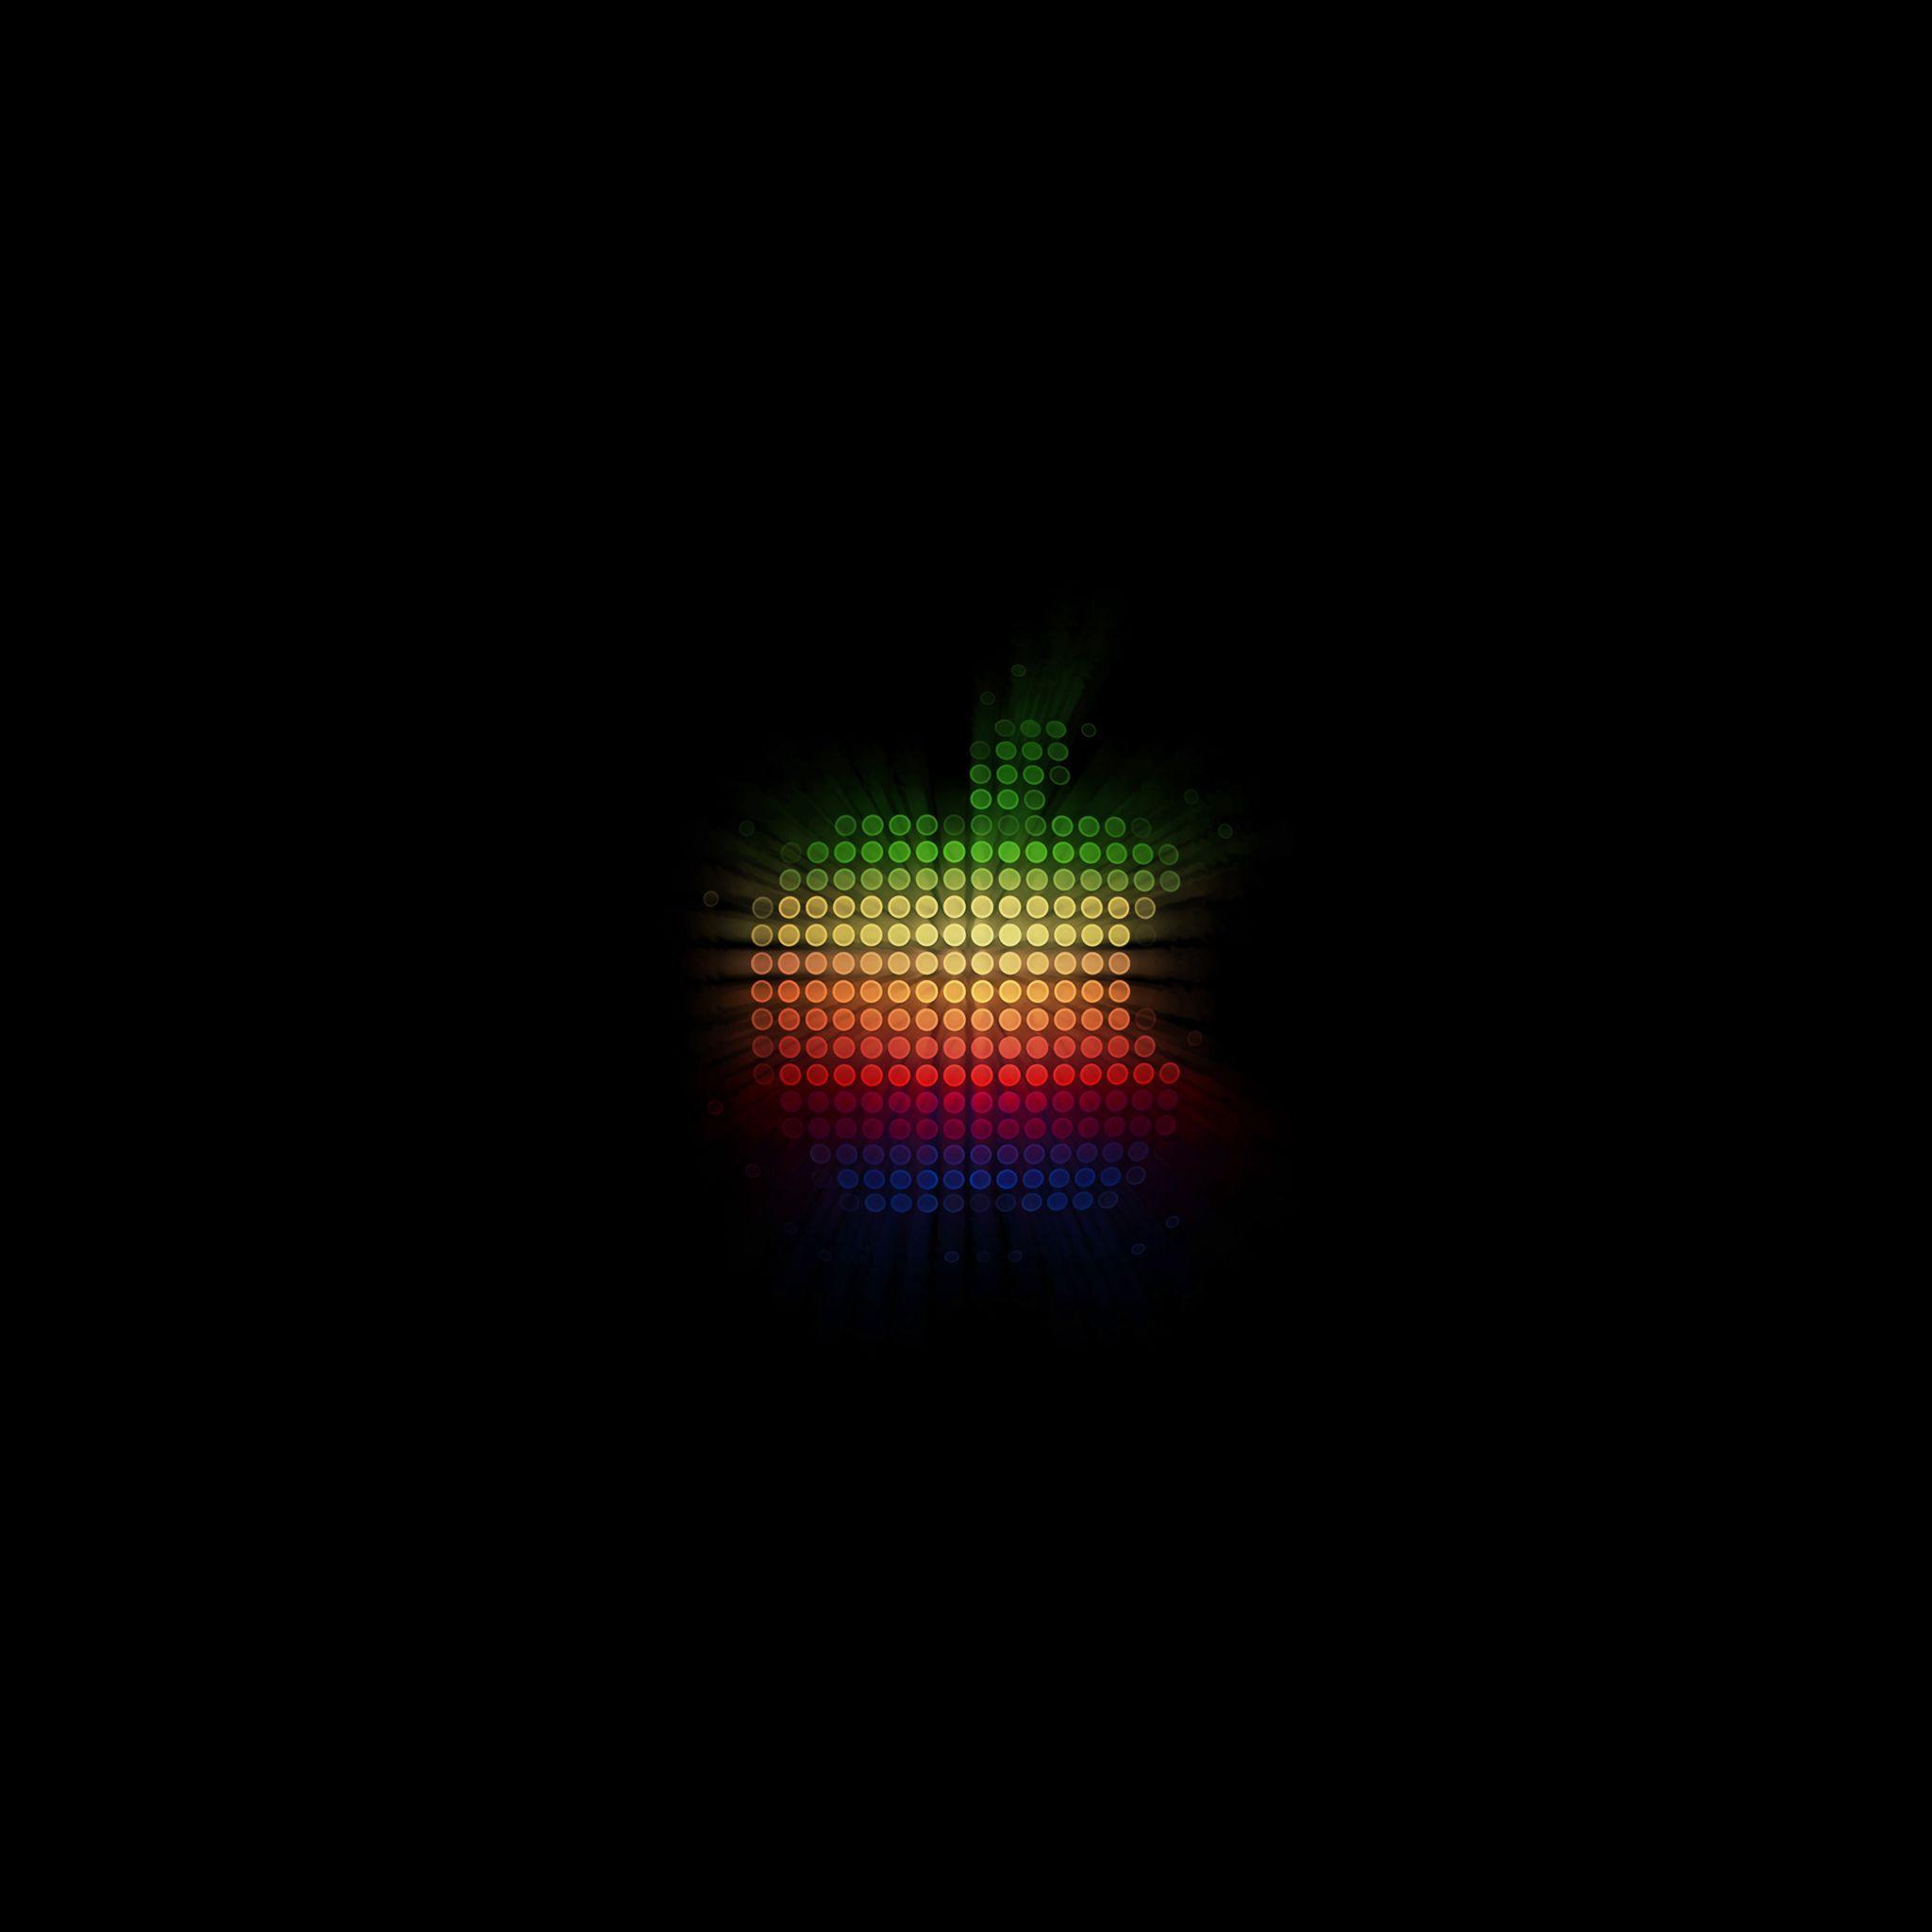 ほとんどのダウンロード Ipad 壁紙 Apple Hdの壁紙 無料